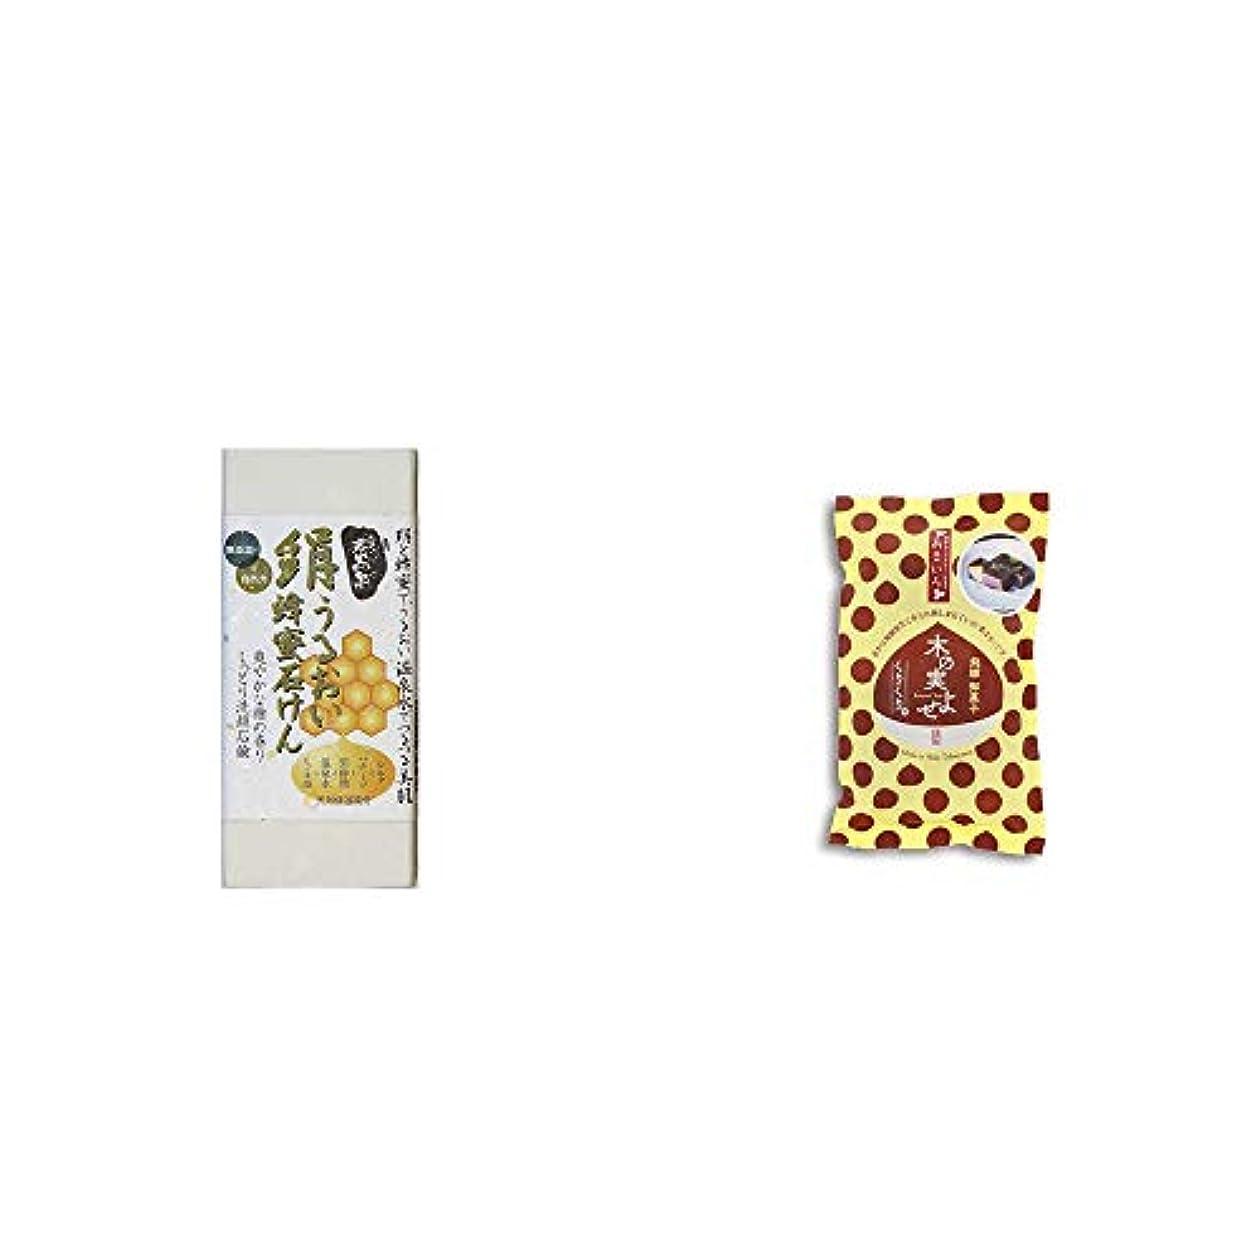 道スペイン浸した[2点セット] ひのき炭黒泉 絹うるおい蜂蜜石けん(75g×2)?木の実よせ くりくり味(5個入)